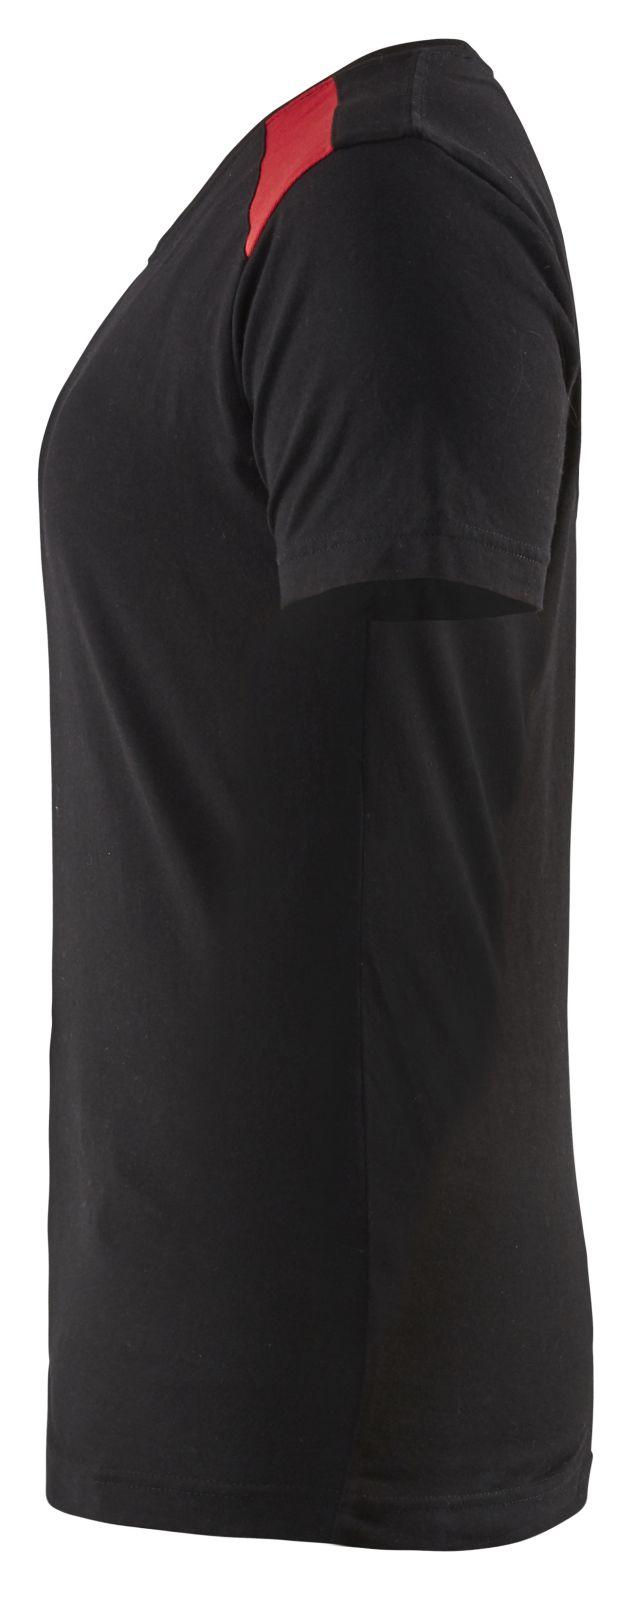 Blaklader T-shirts 34791042 zwart-rood(9956)